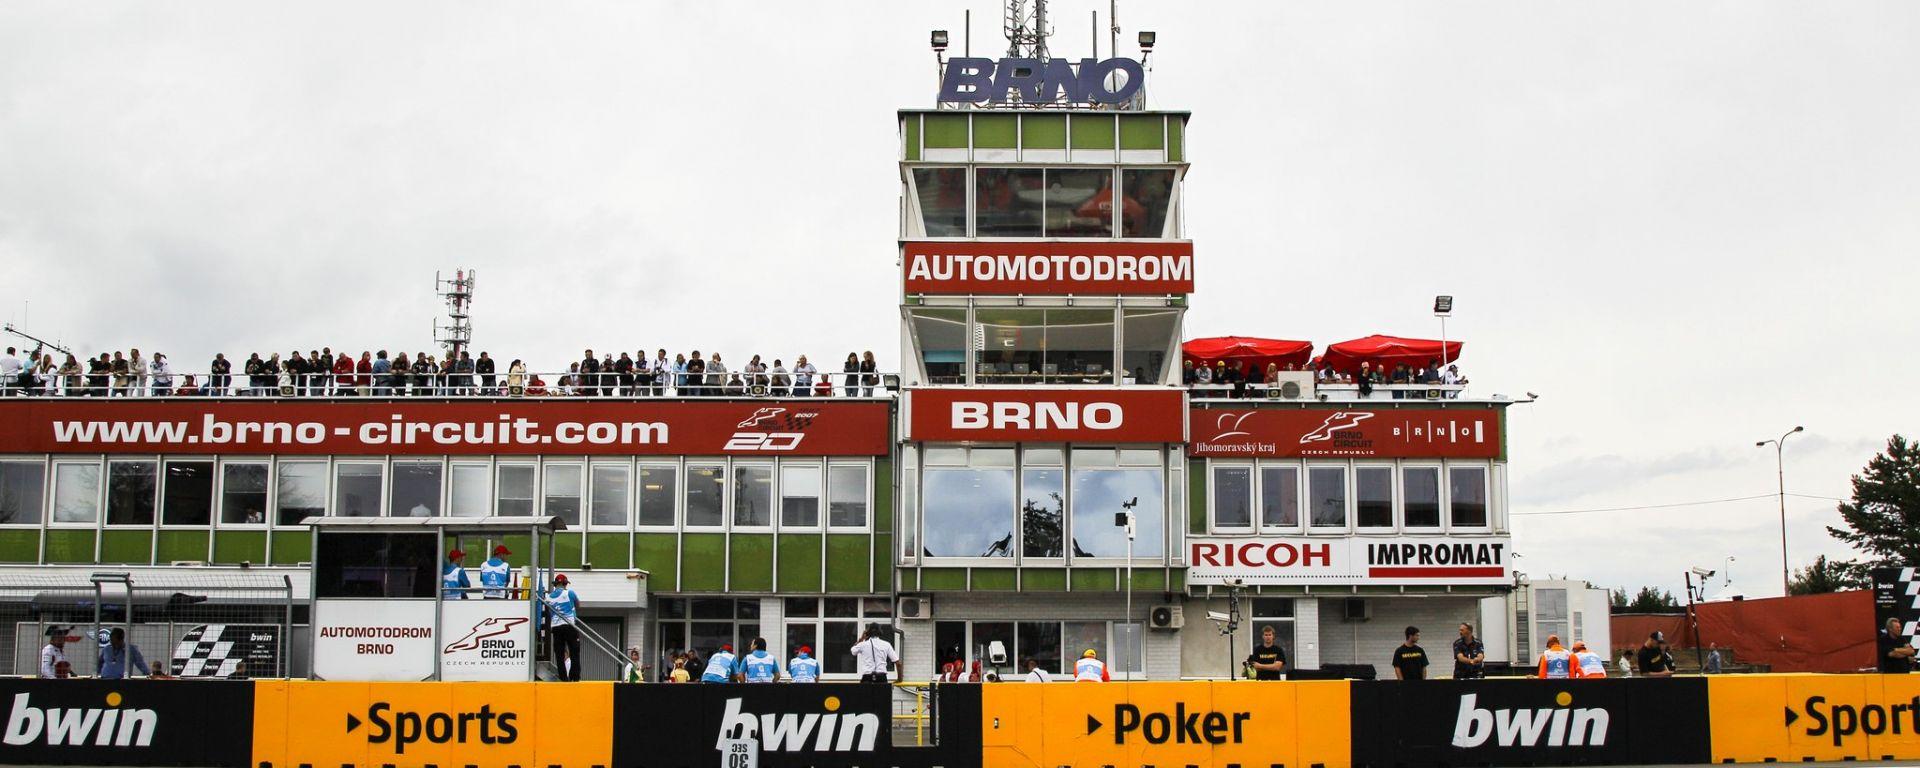 MotoGP Brno Repubblica Ceca: Prove libere, qualifiche, risultati gara